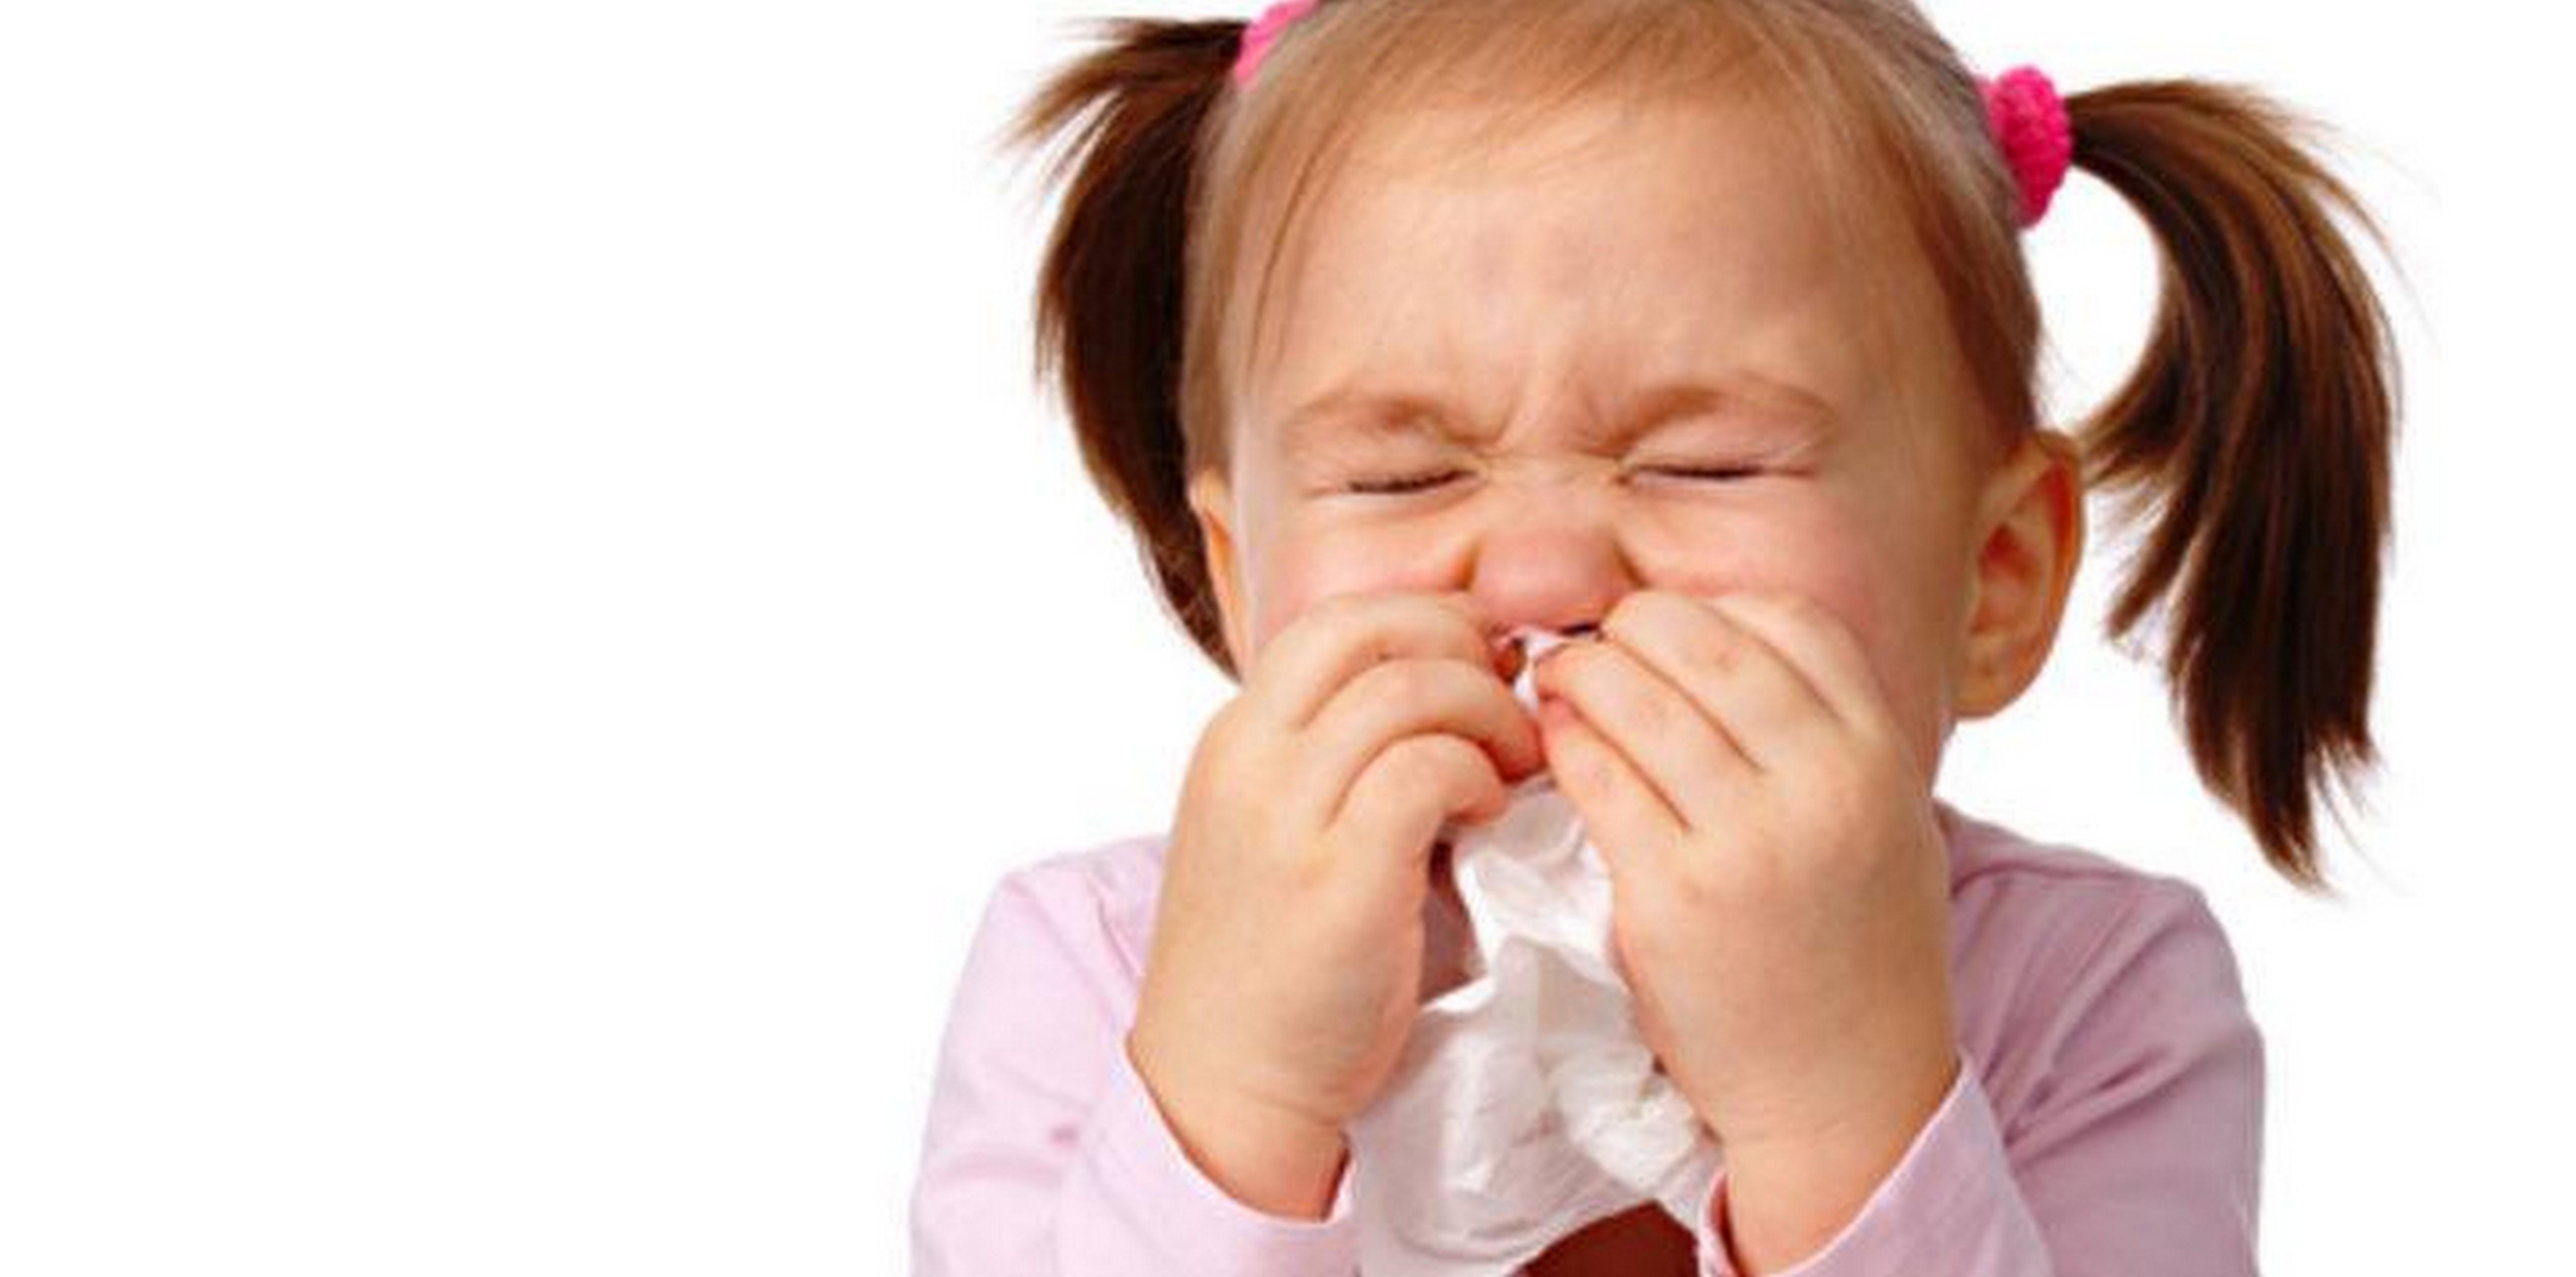 Bir çocukta tehlikeli herpetik boğaz ağrısı nedir ve nasıl başa çıkılır 44